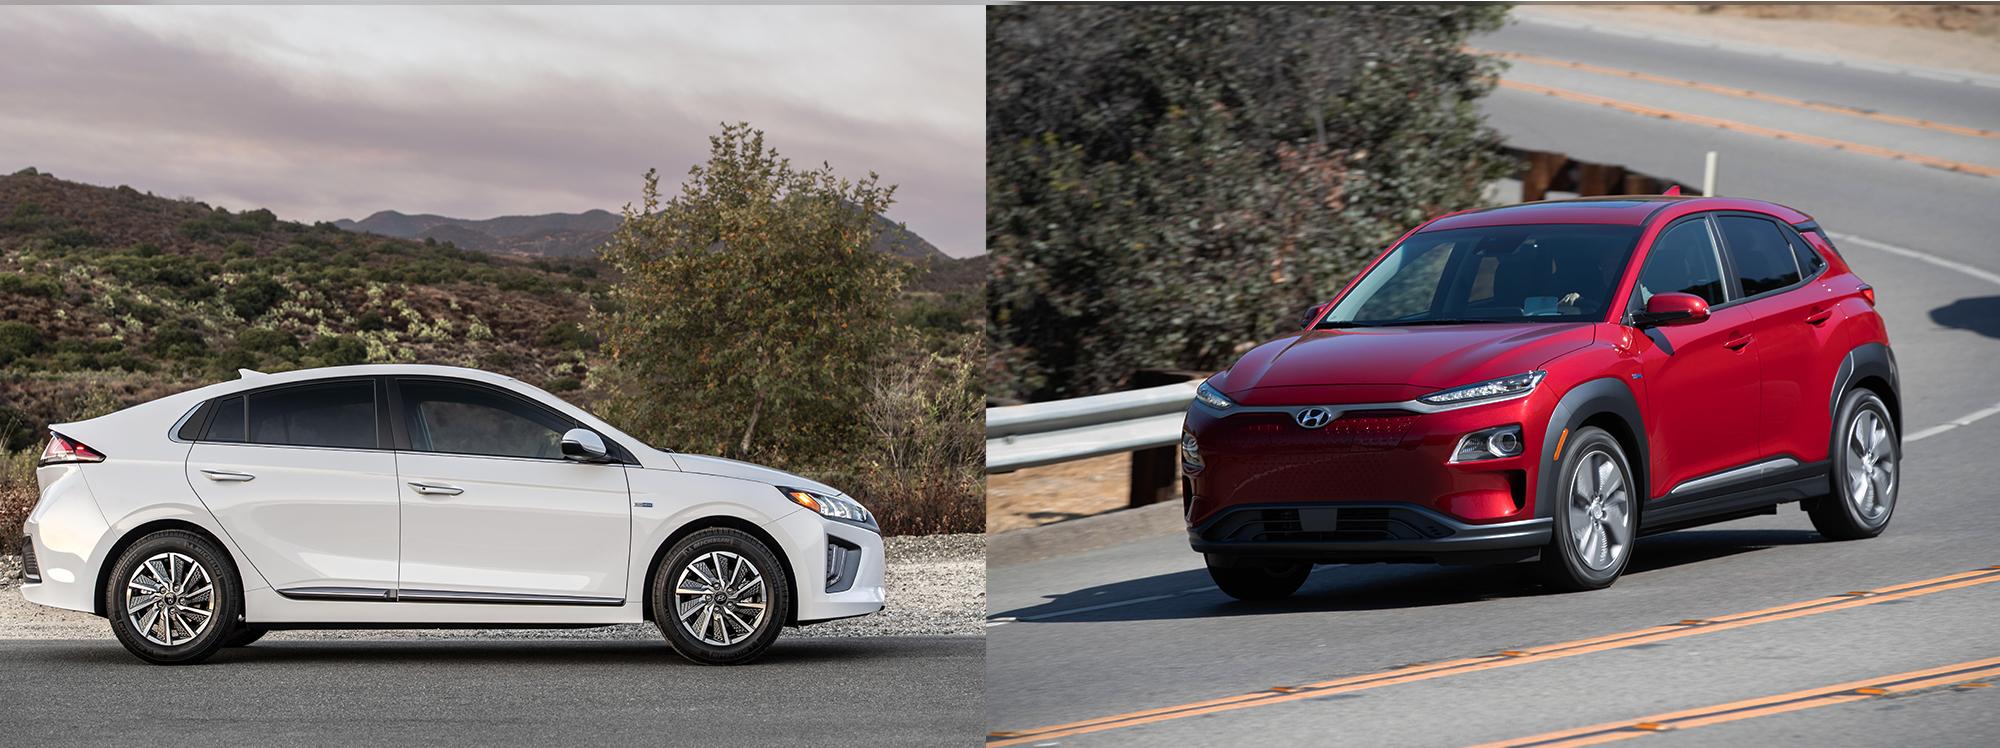 Dos modelos de Hyundai entre los 10 mejores vehículos eléctricos del 2021